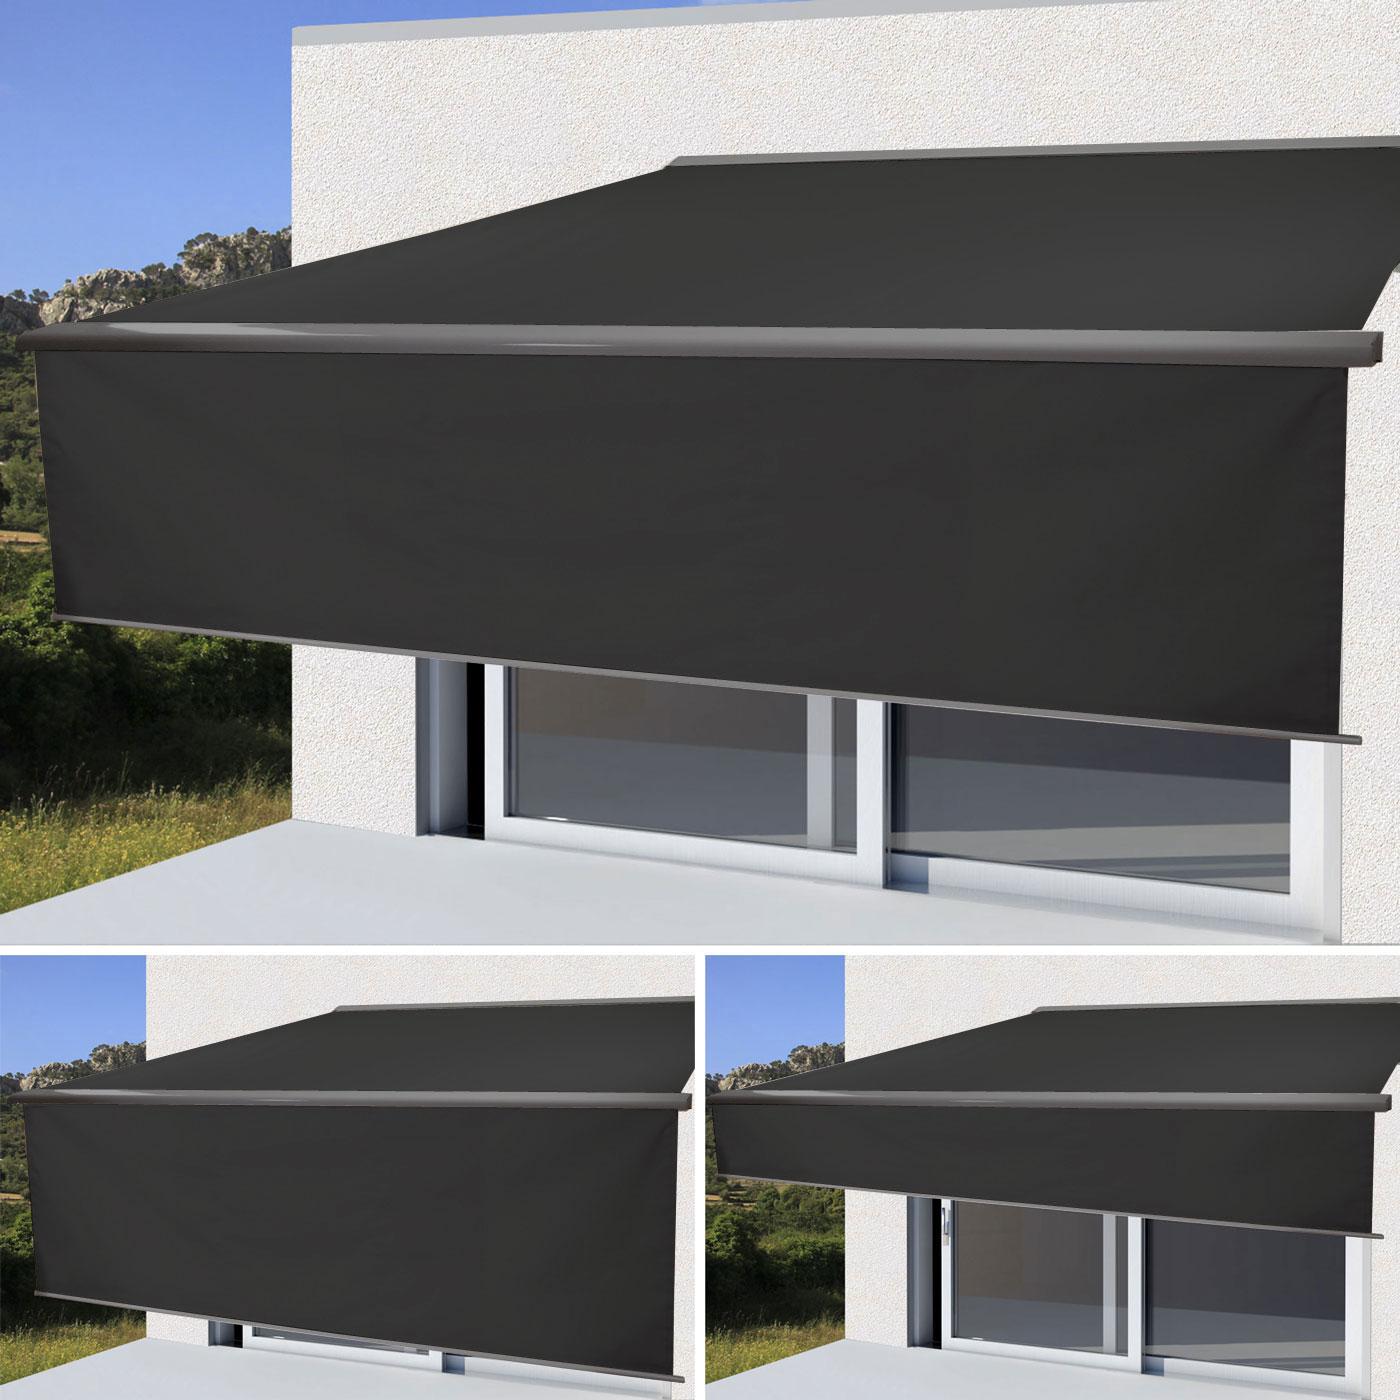 elektrische markise t124 4x3m ausfahrbarer volant. Black Bedroom Furniture Sets. Home Design Ideas